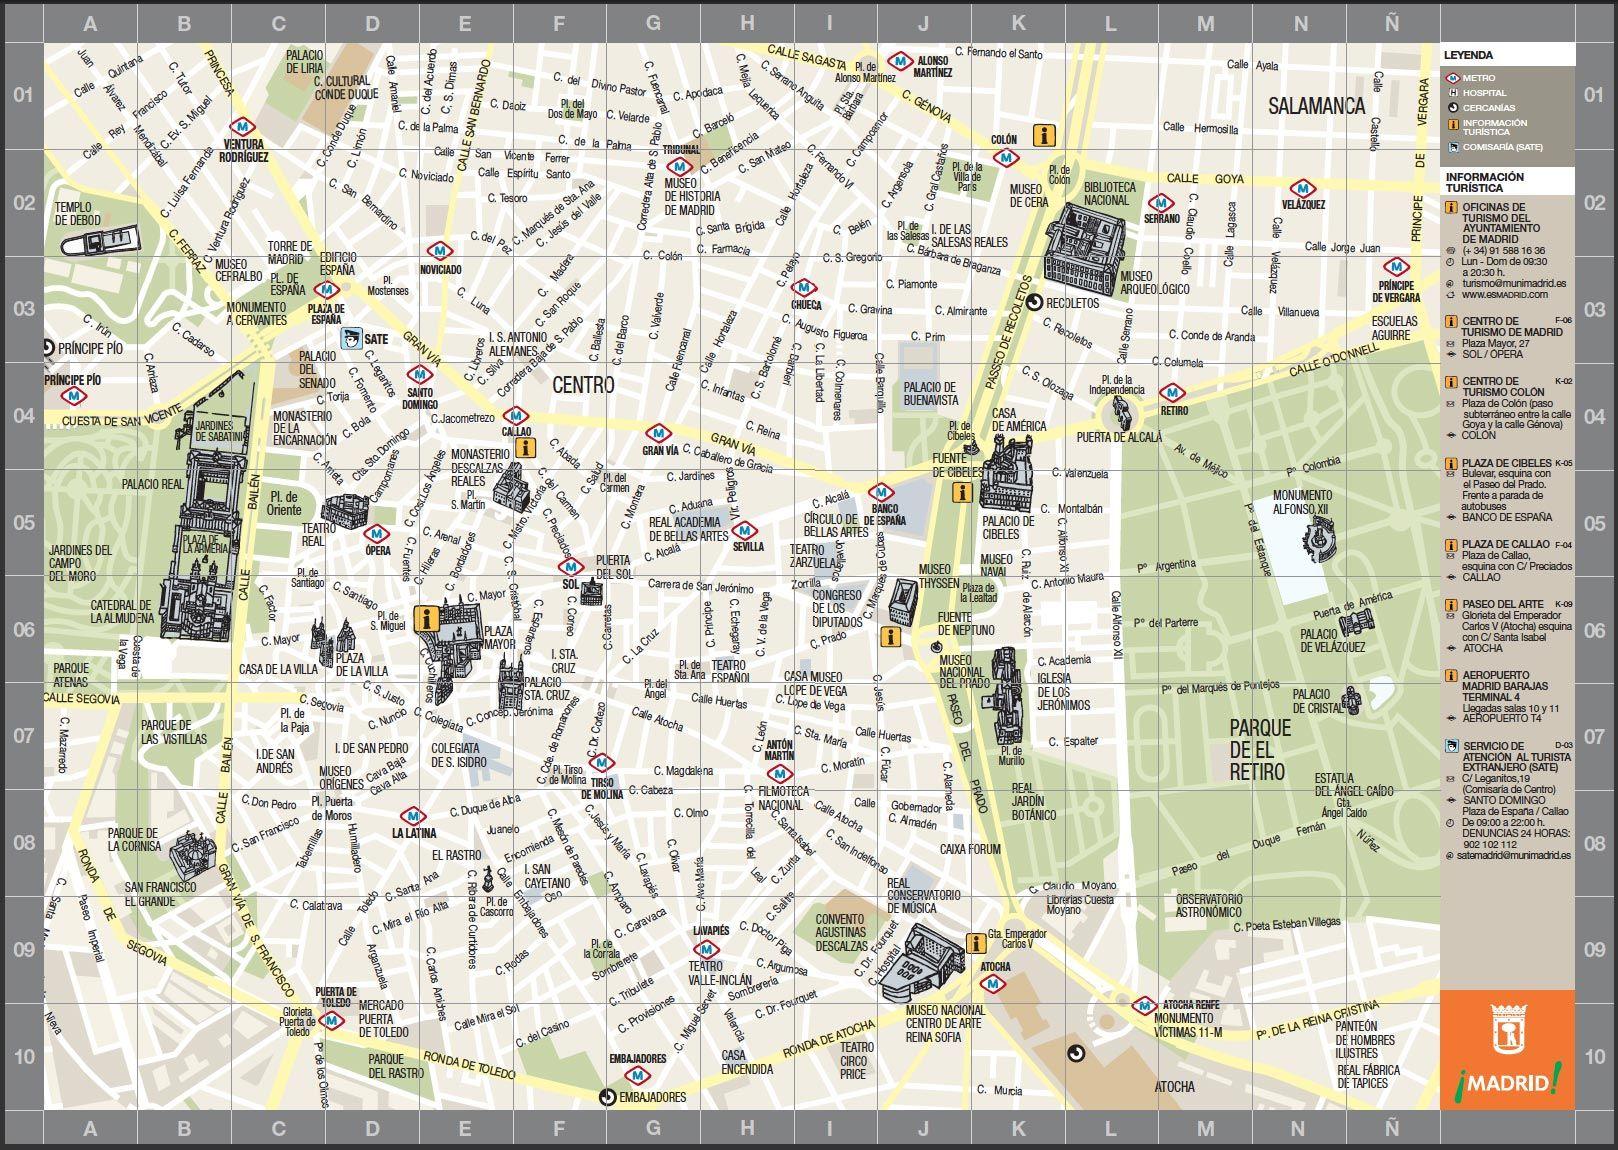 Mapa Puerta Del Sol.Puerta Del Sol Madrid Mapa Buscar Con Google Mapa